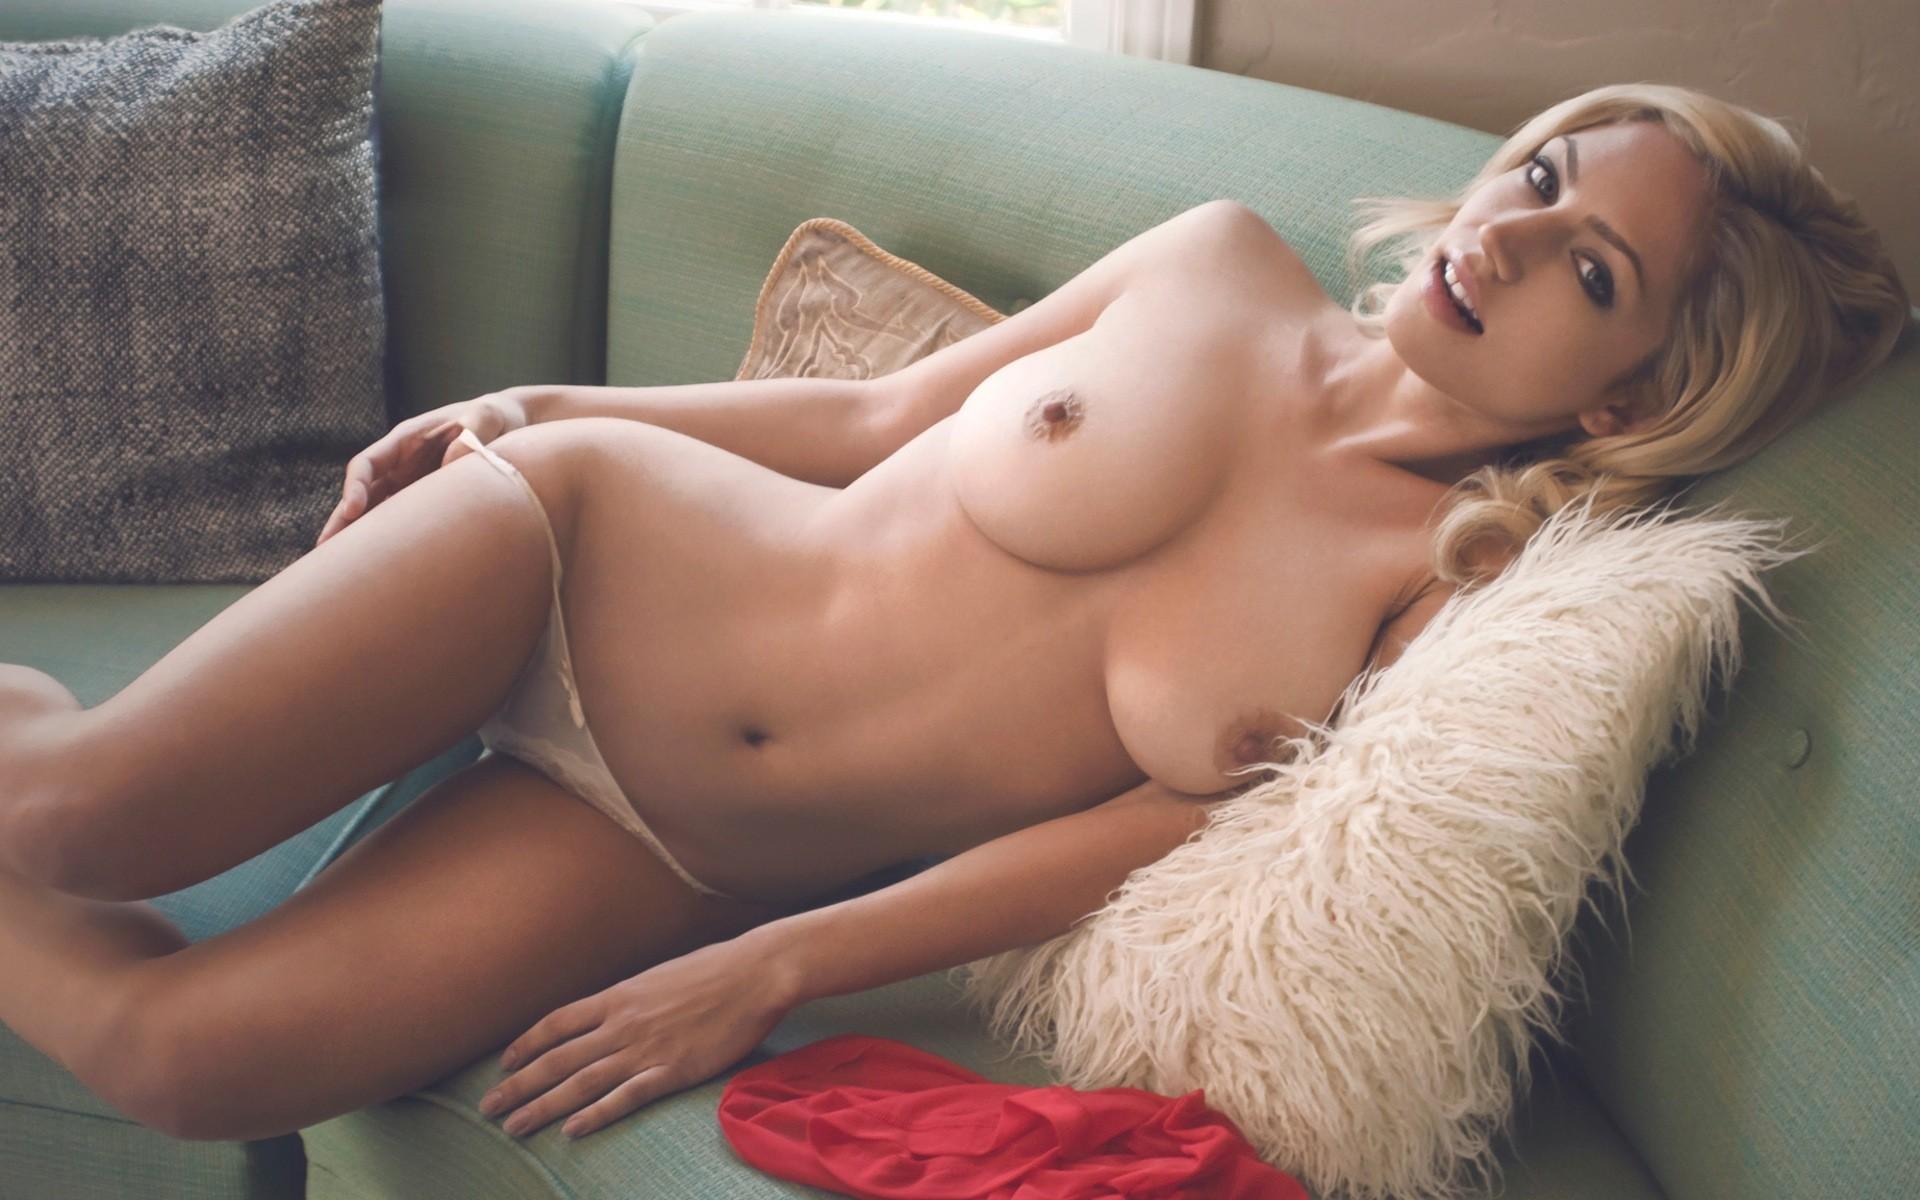 Lingerie models nudes consider